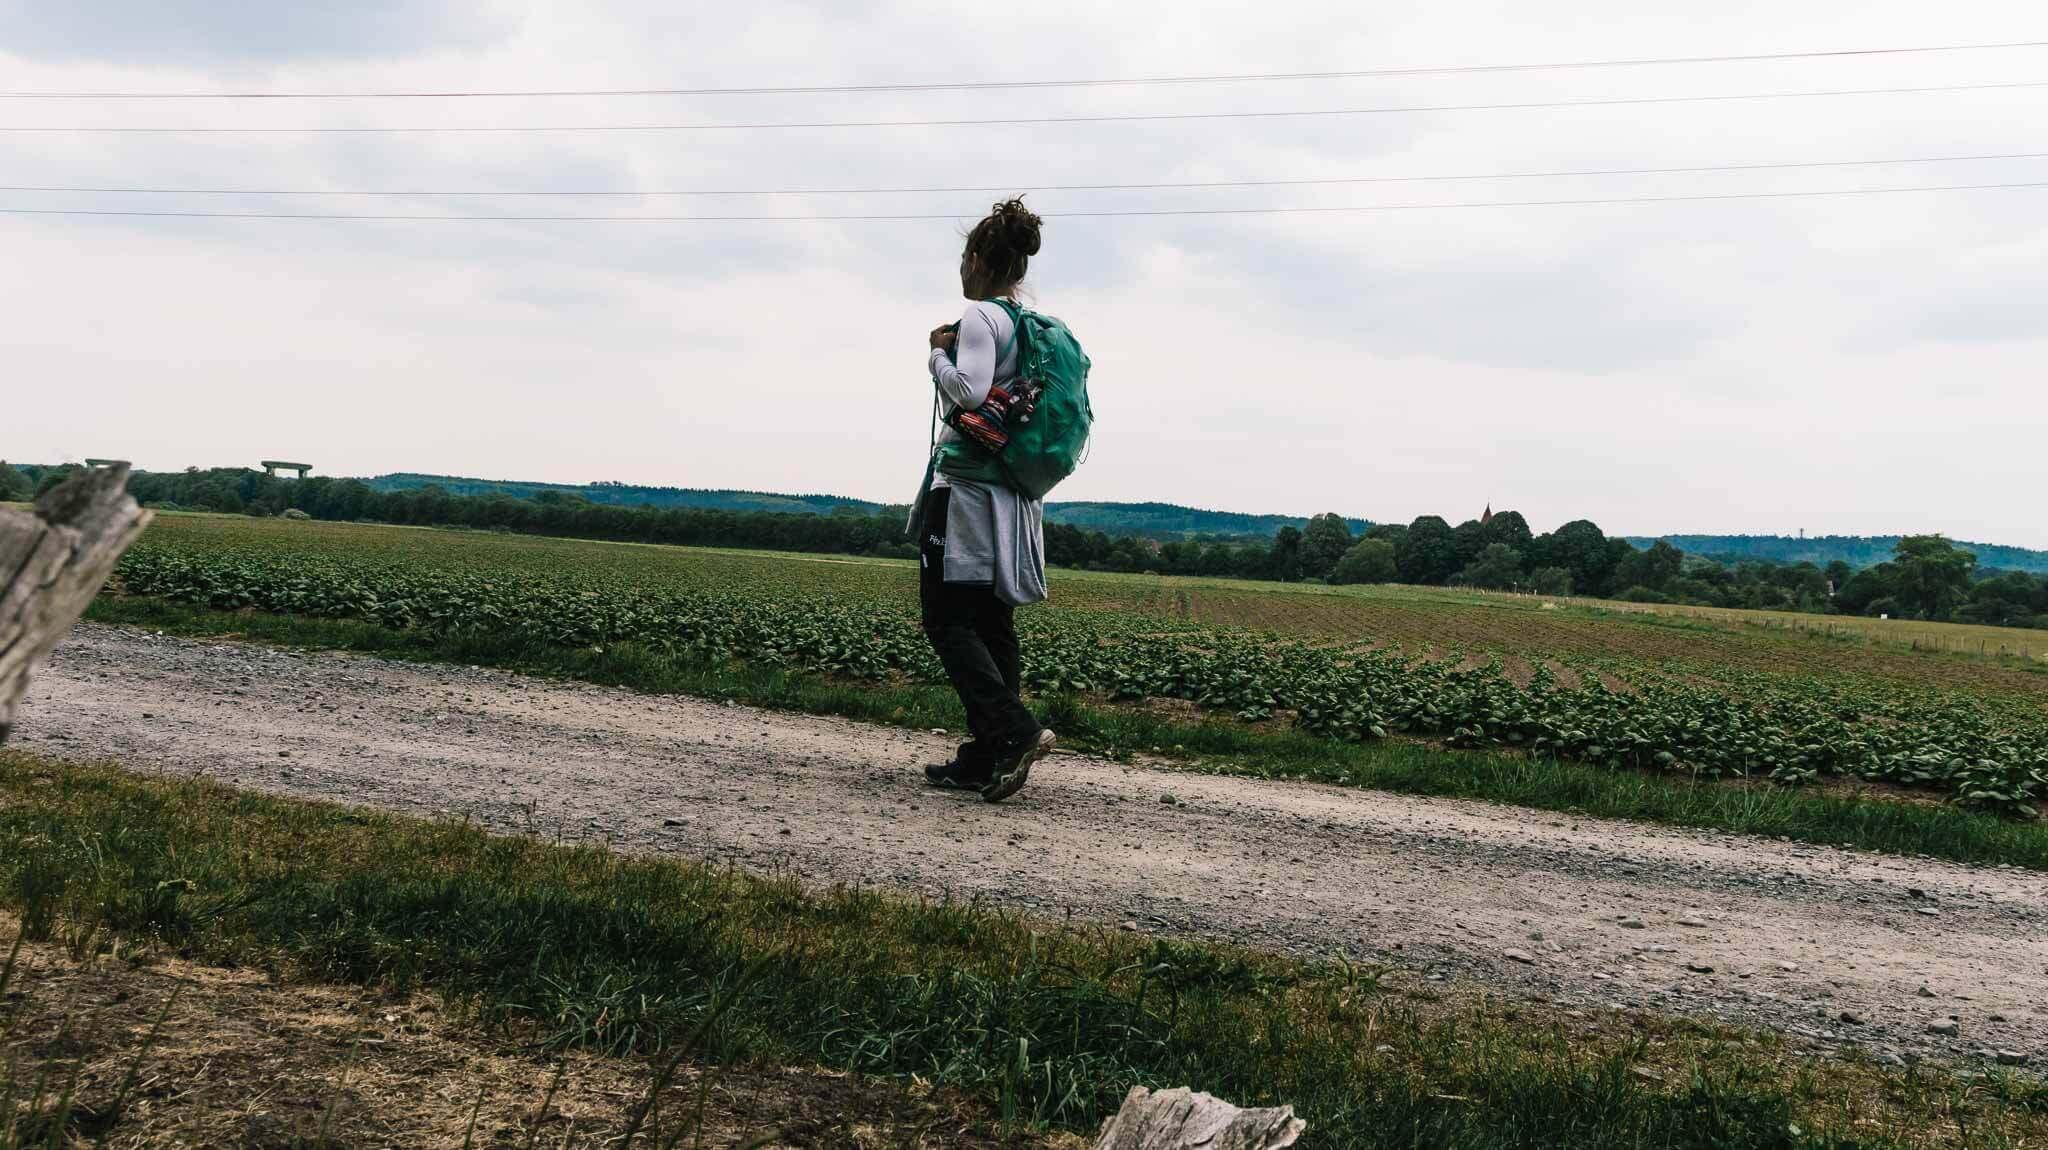 Jessie von BUNTERwegs auf dem Weg zur Westruper Heide